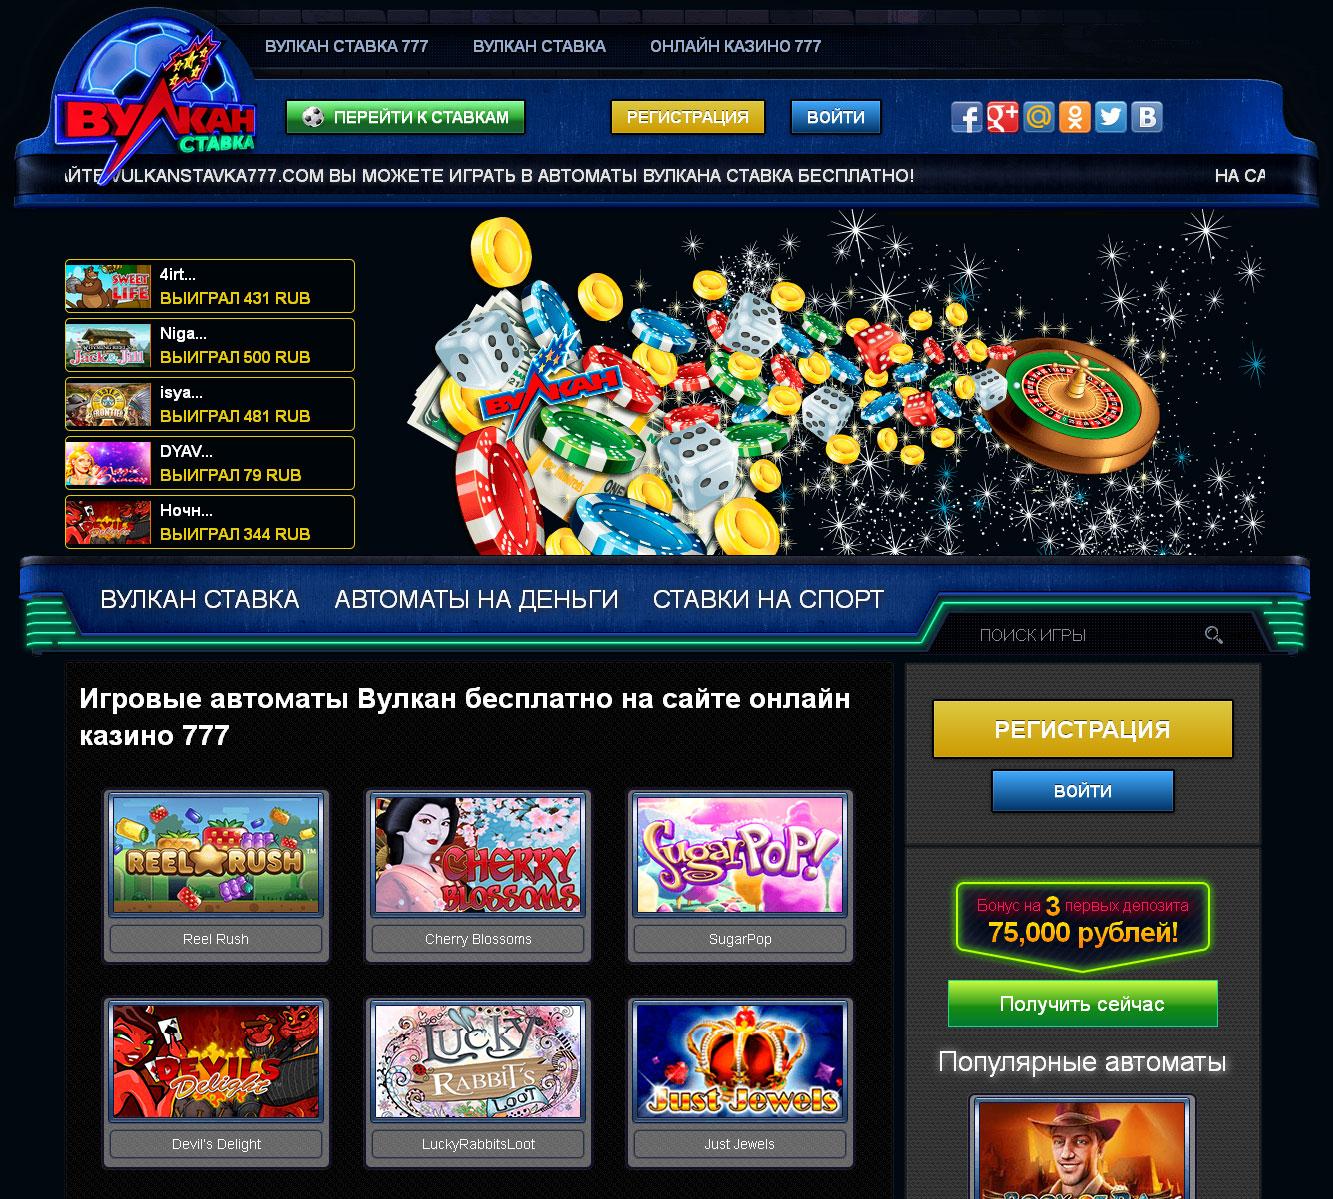 Игровые автоматы скачать бесплатно эмуляторы для телефона jar игровые автоматы free online player